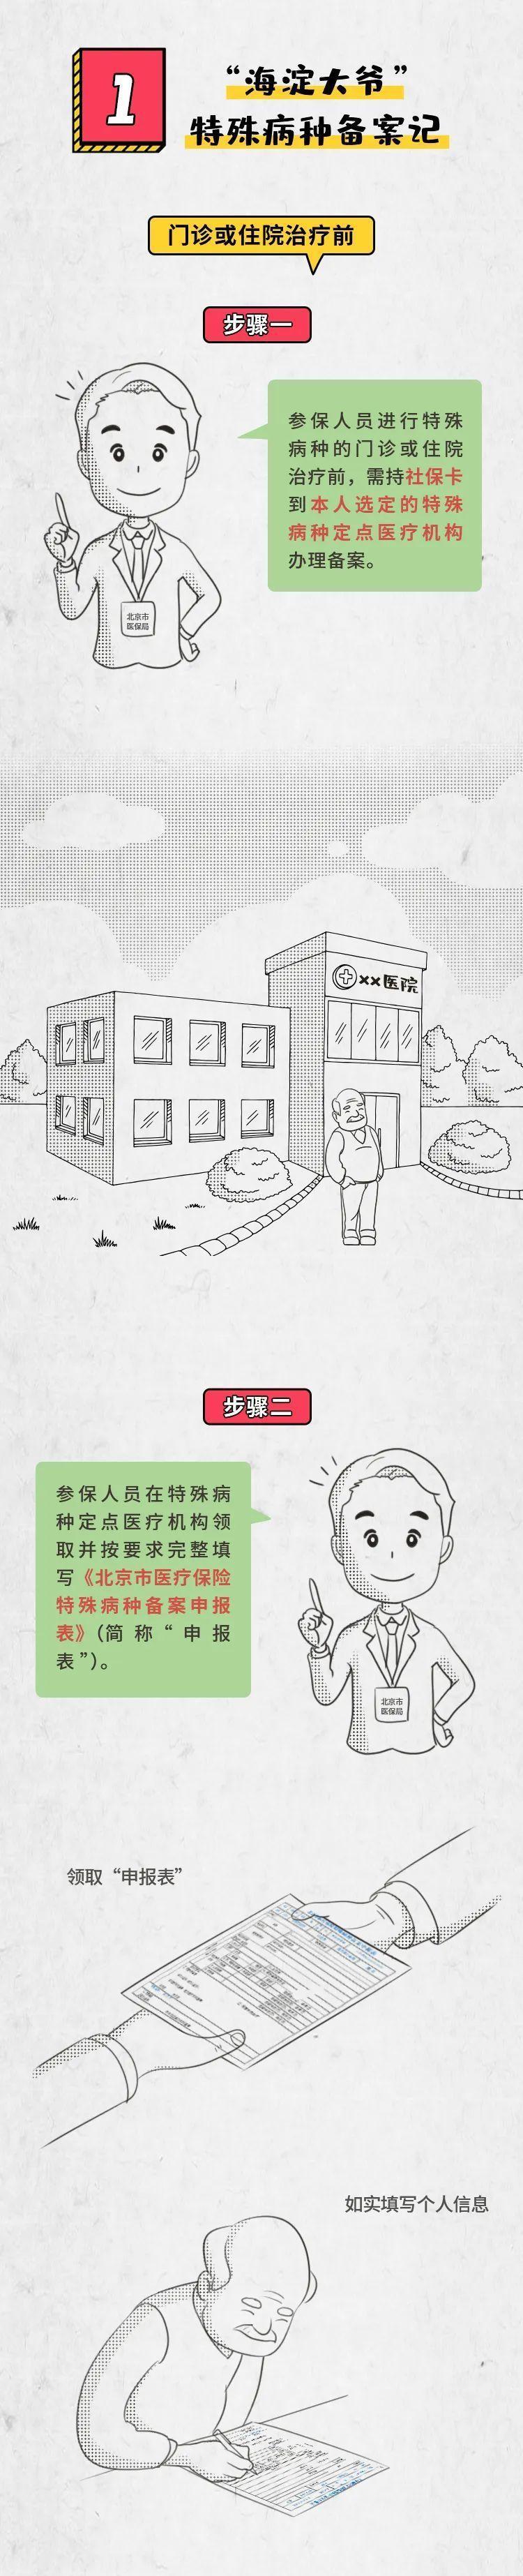 一图看懂!北京17种门诊特殊疾病备案、注销、变更流程